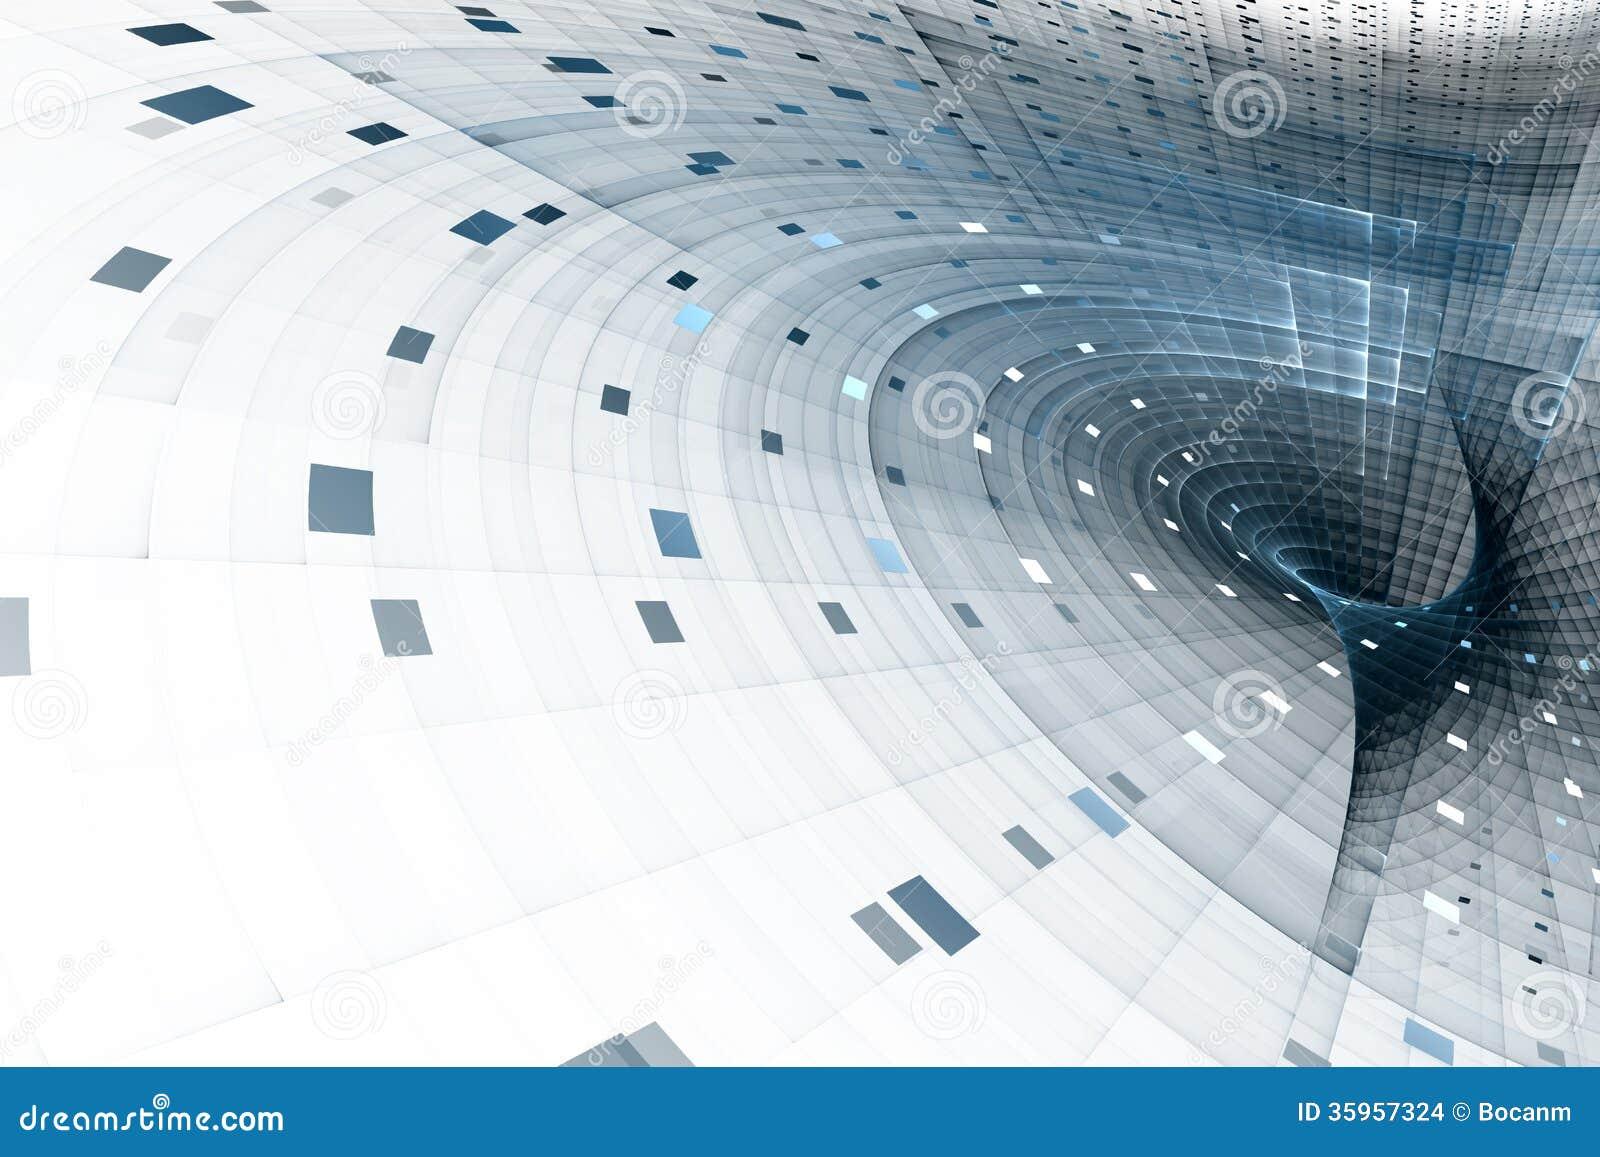 Abstracte bedrijfswetenschap of technologieachtergrond